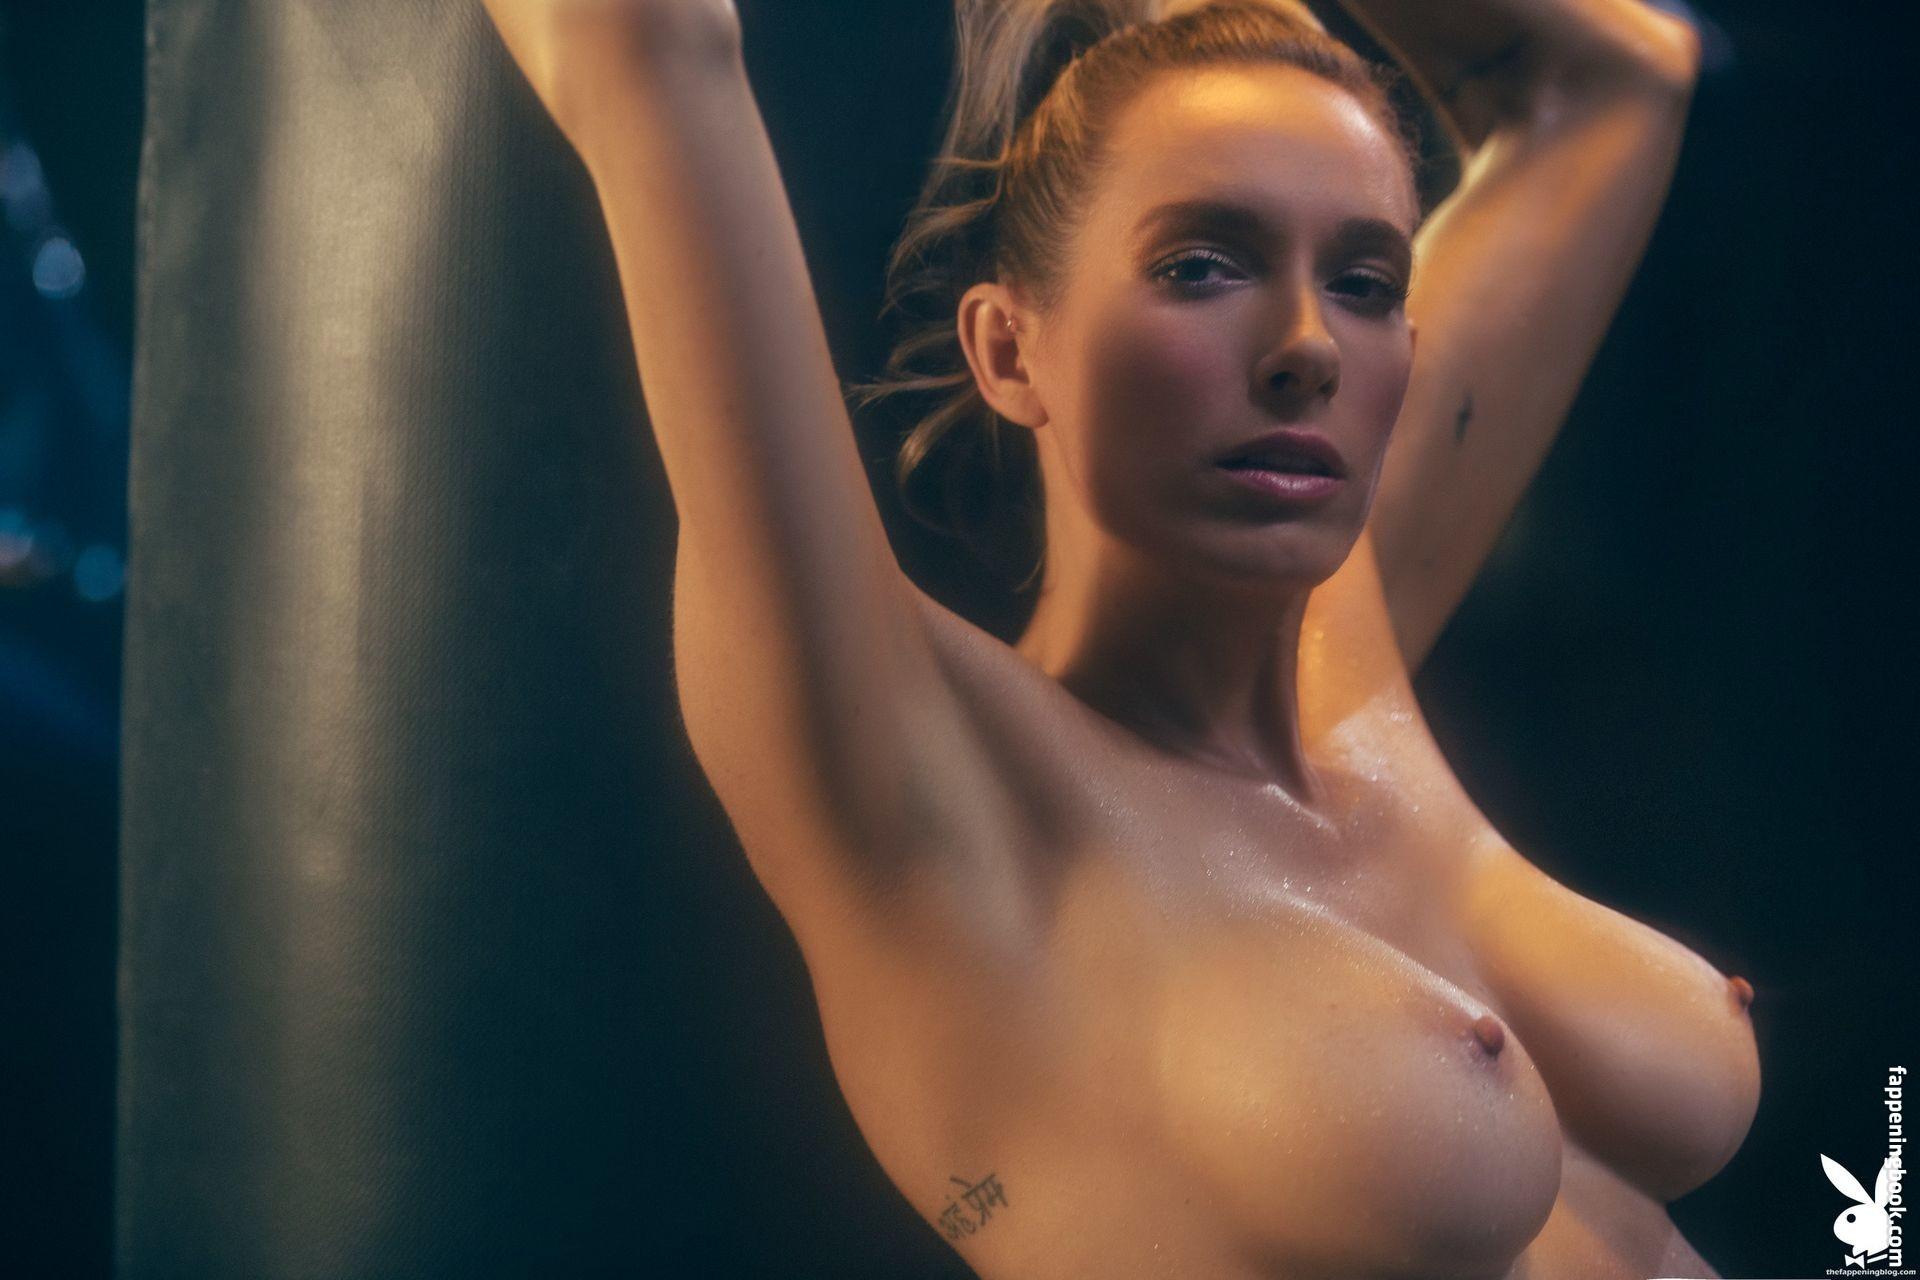 Natalie Mae